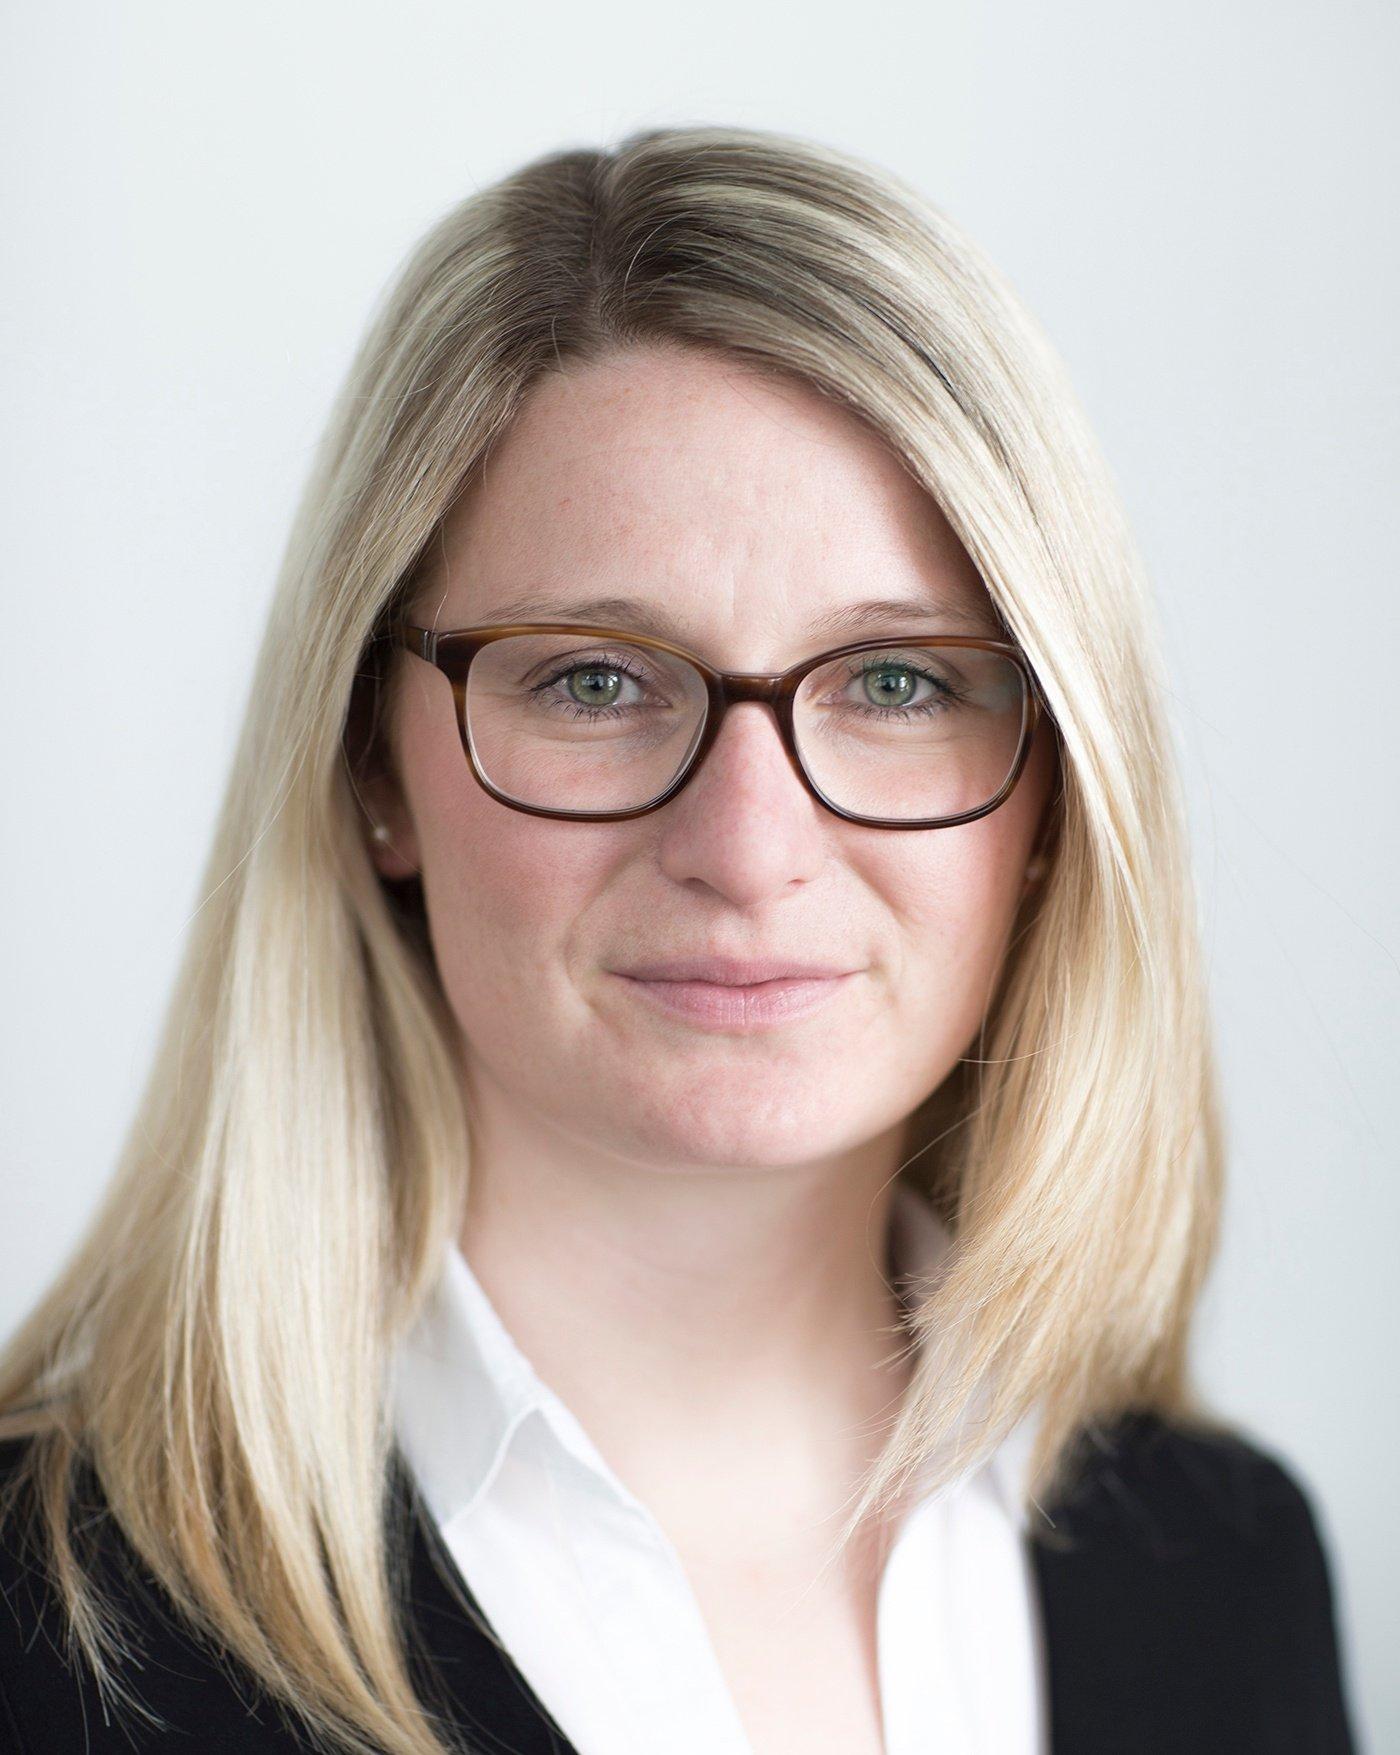 Anita Tauber